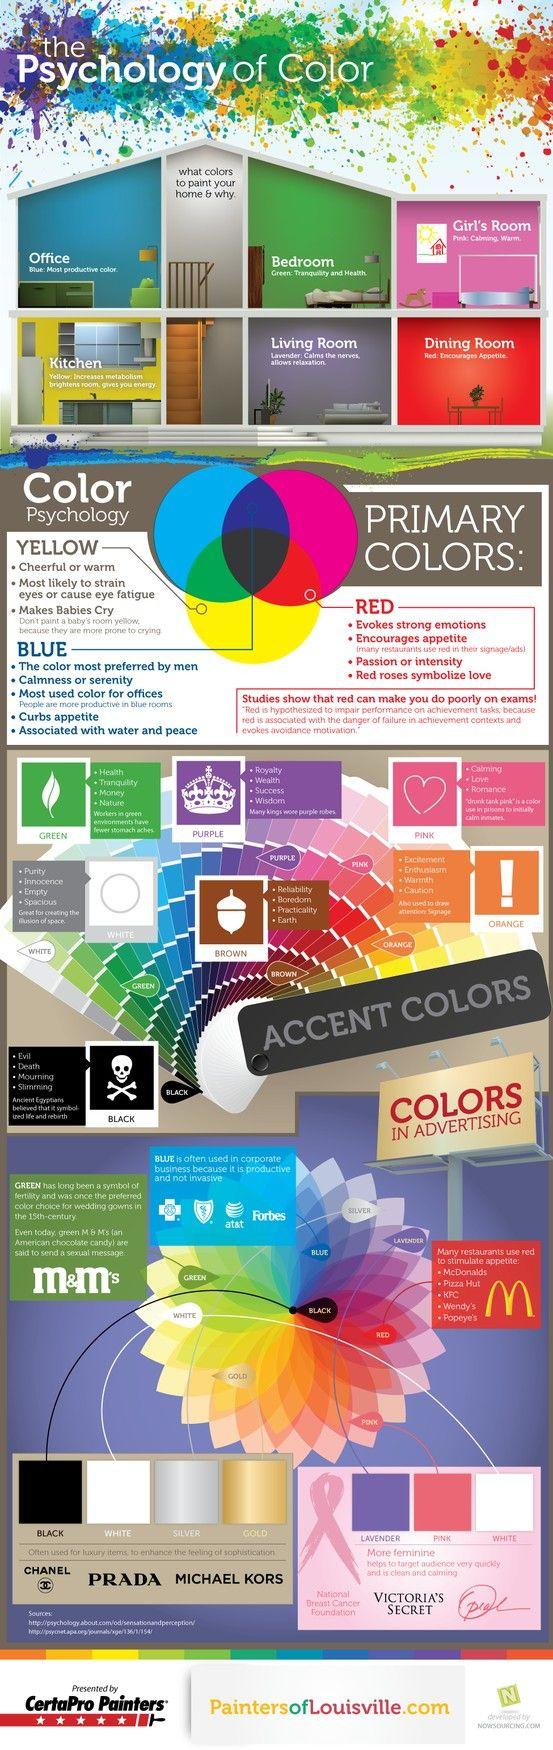 Jaká barva je nejlepší do ložnice? Prohlédněte si psychologii barev